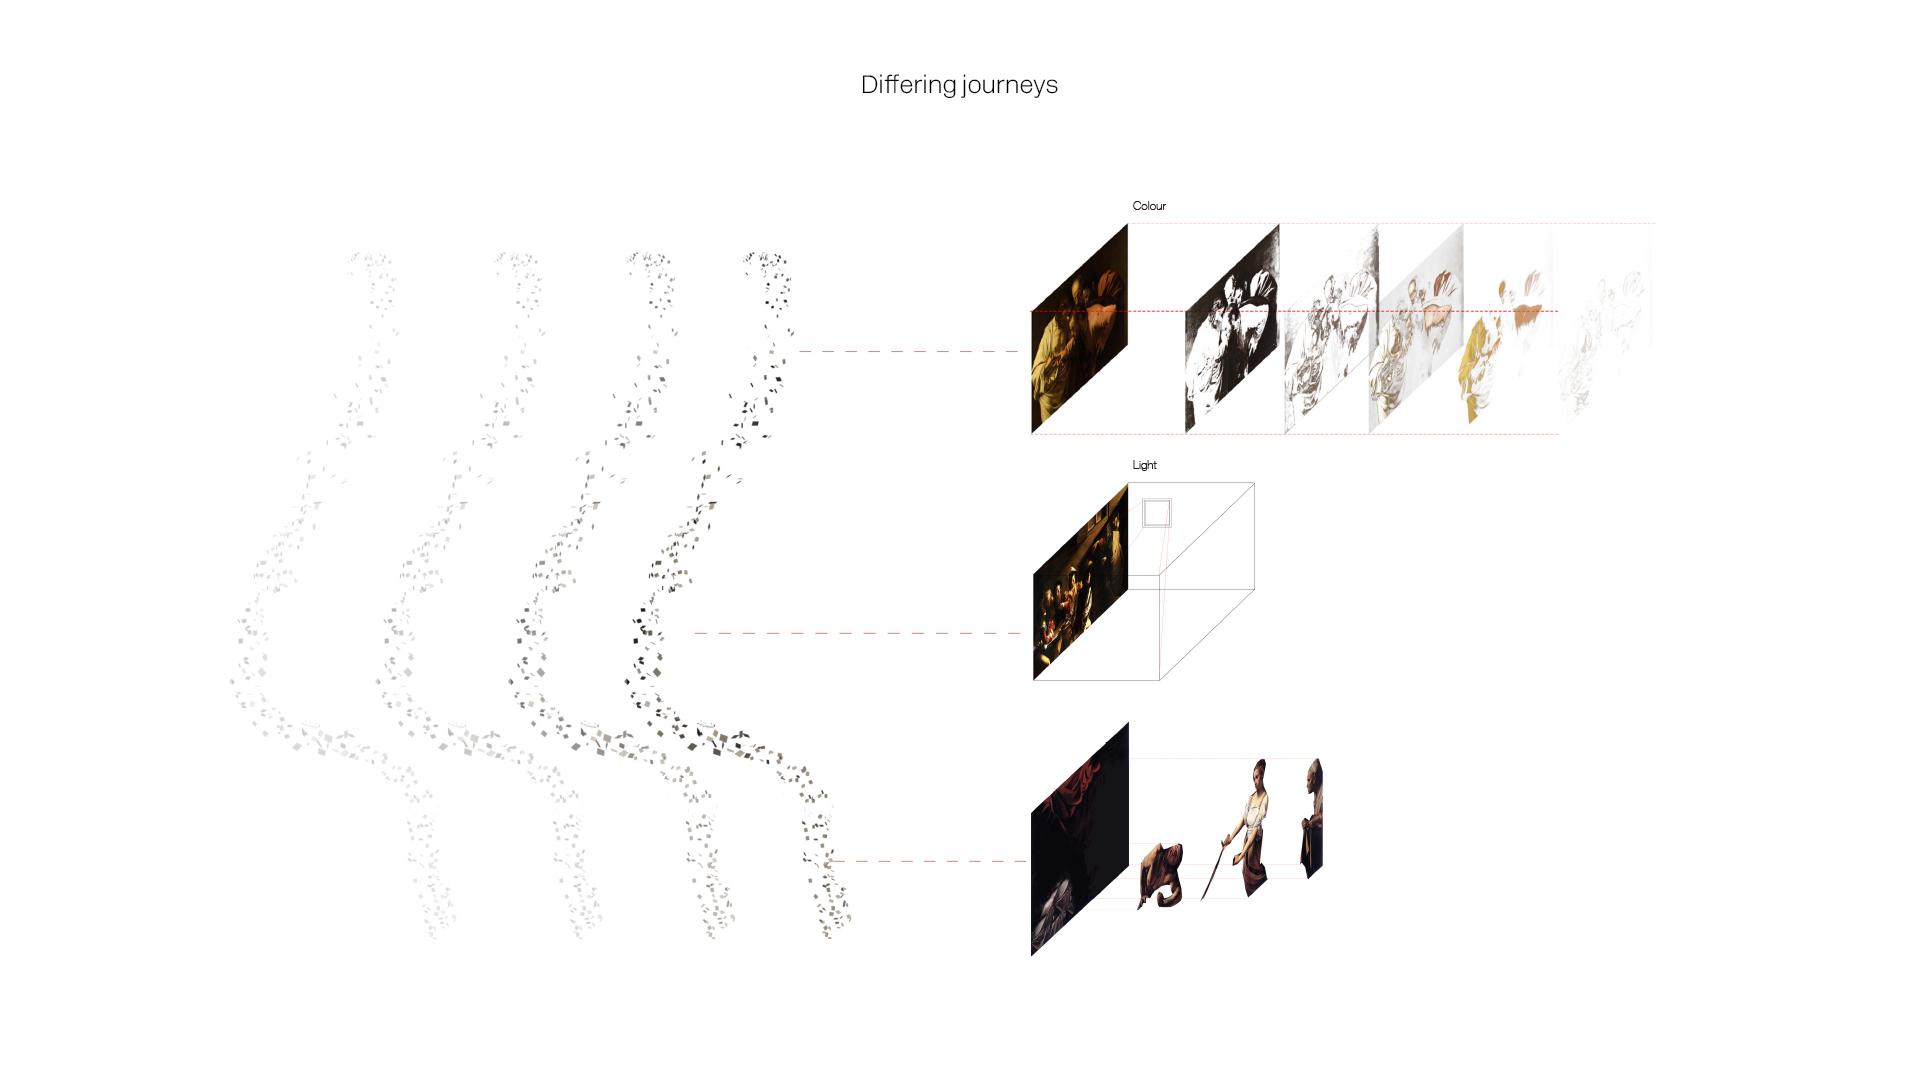 Differeing-journeys